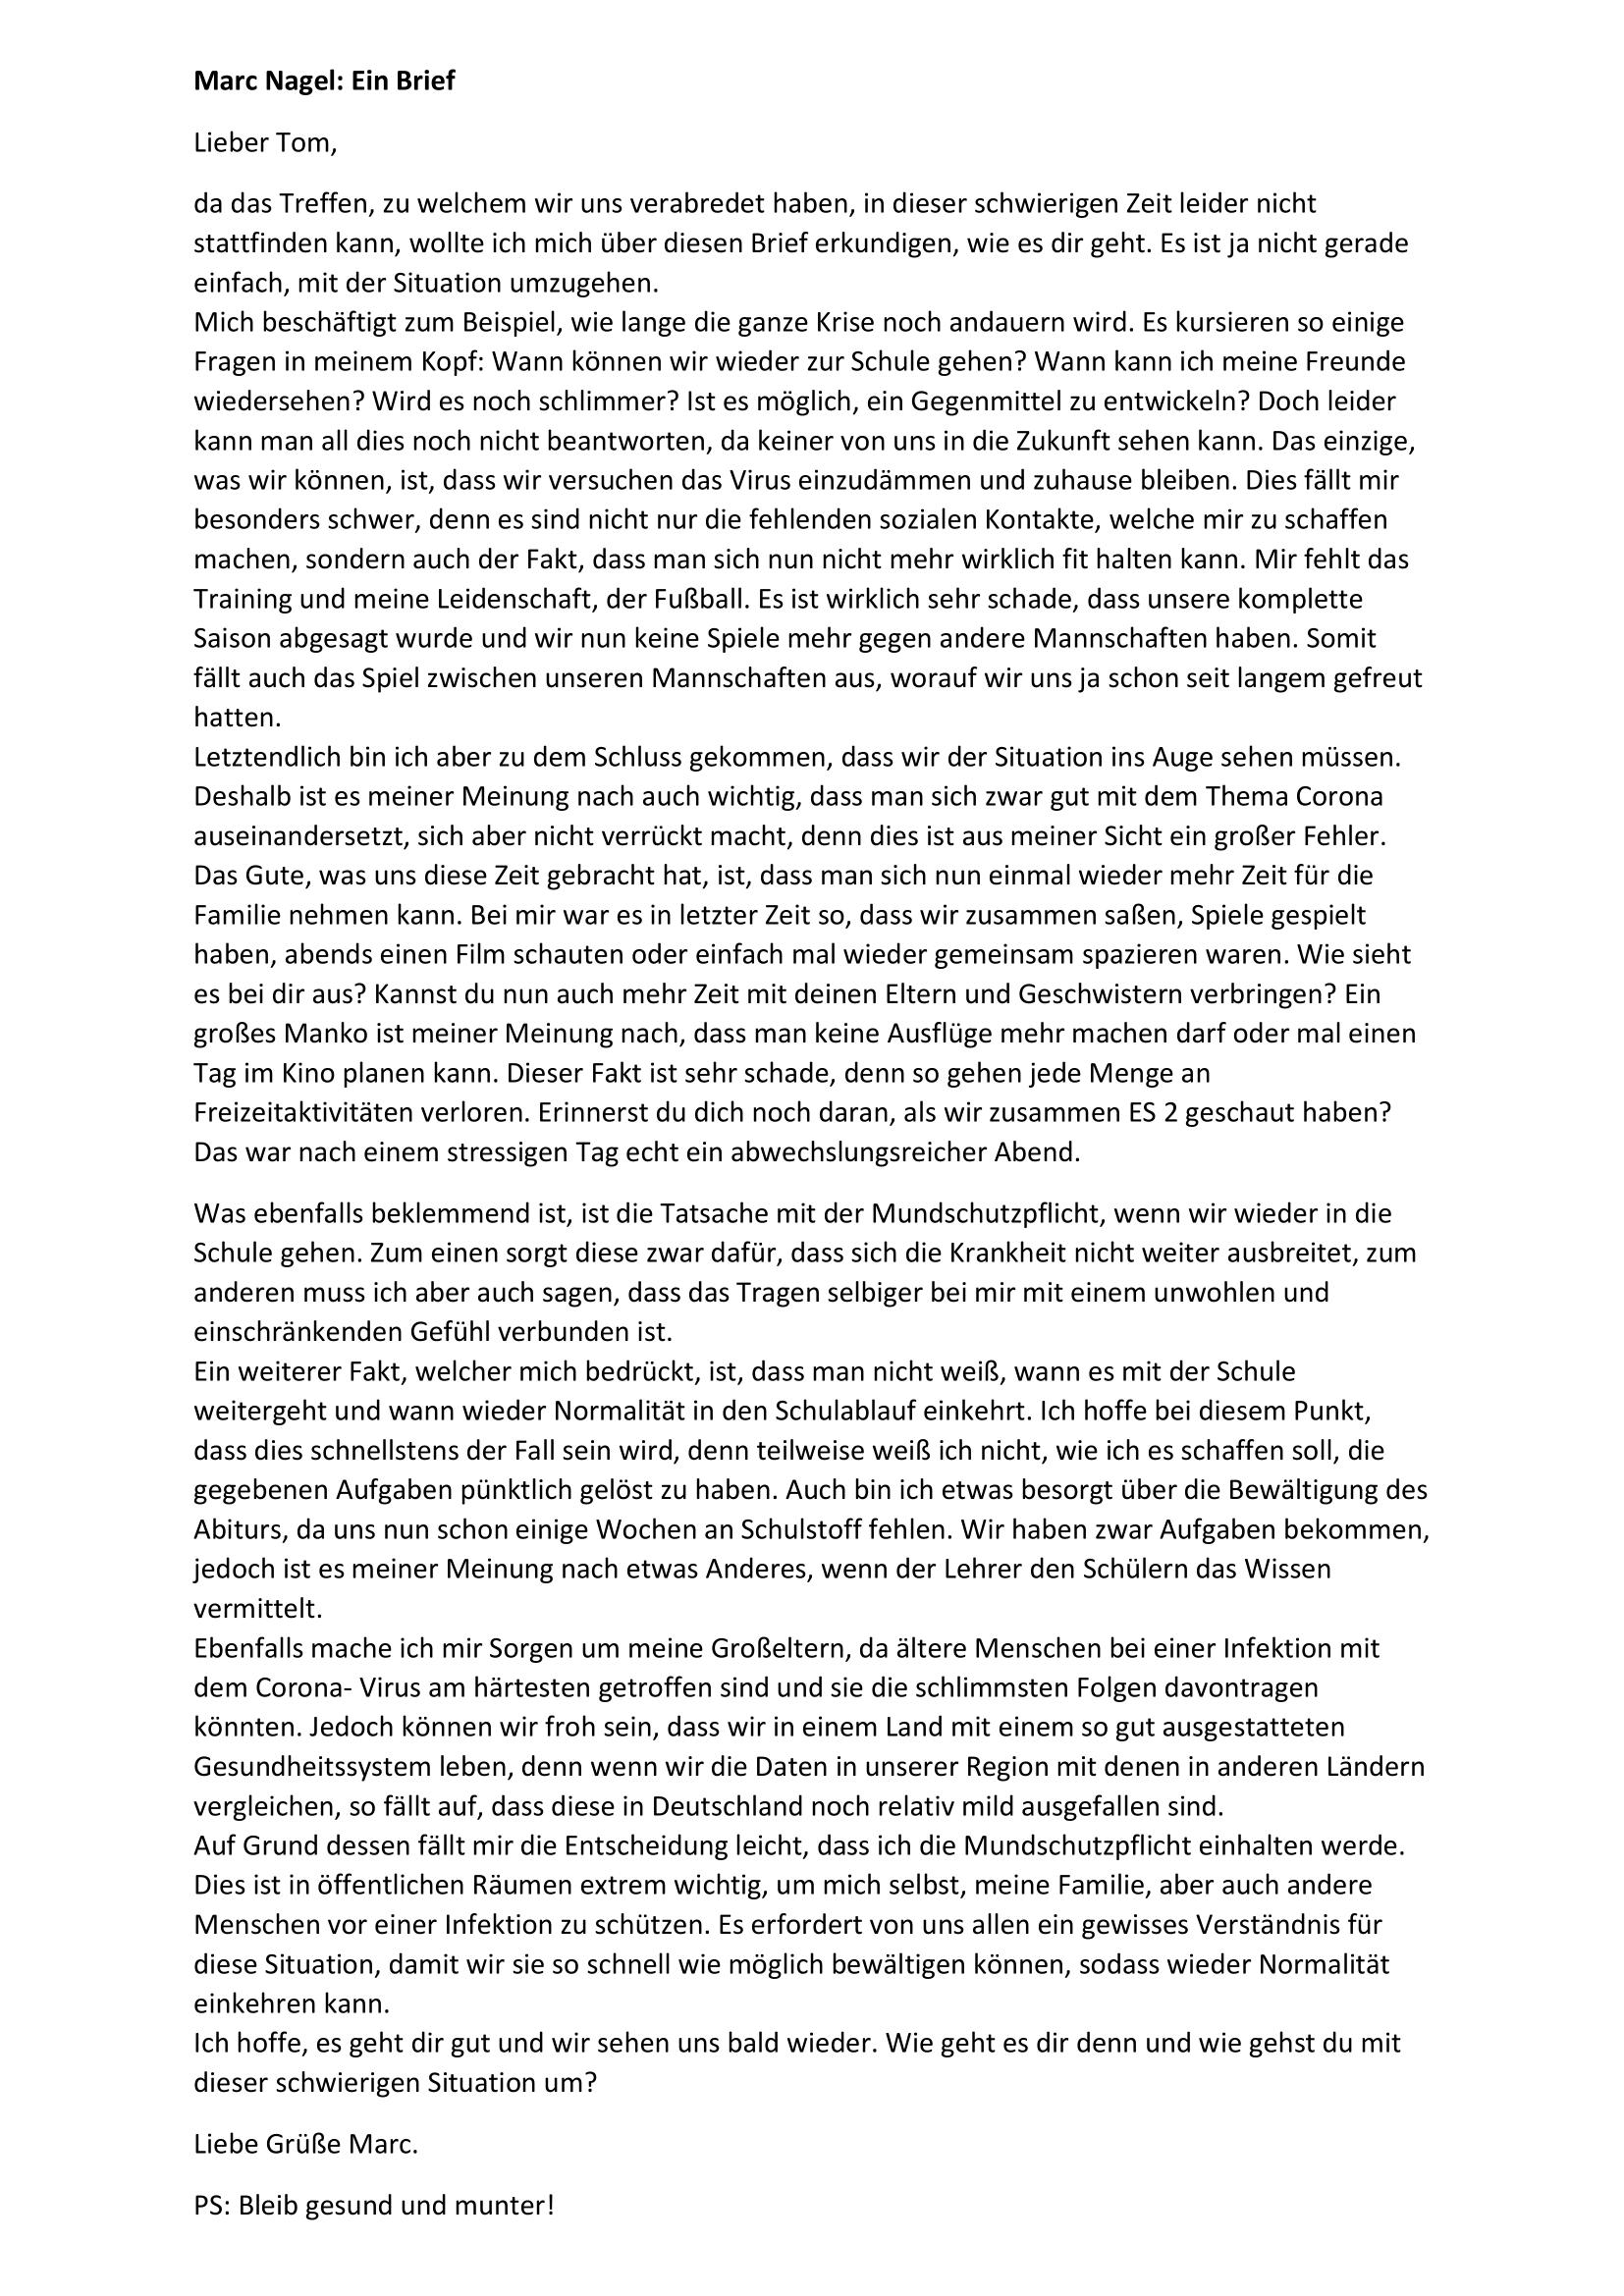 Ein Brief